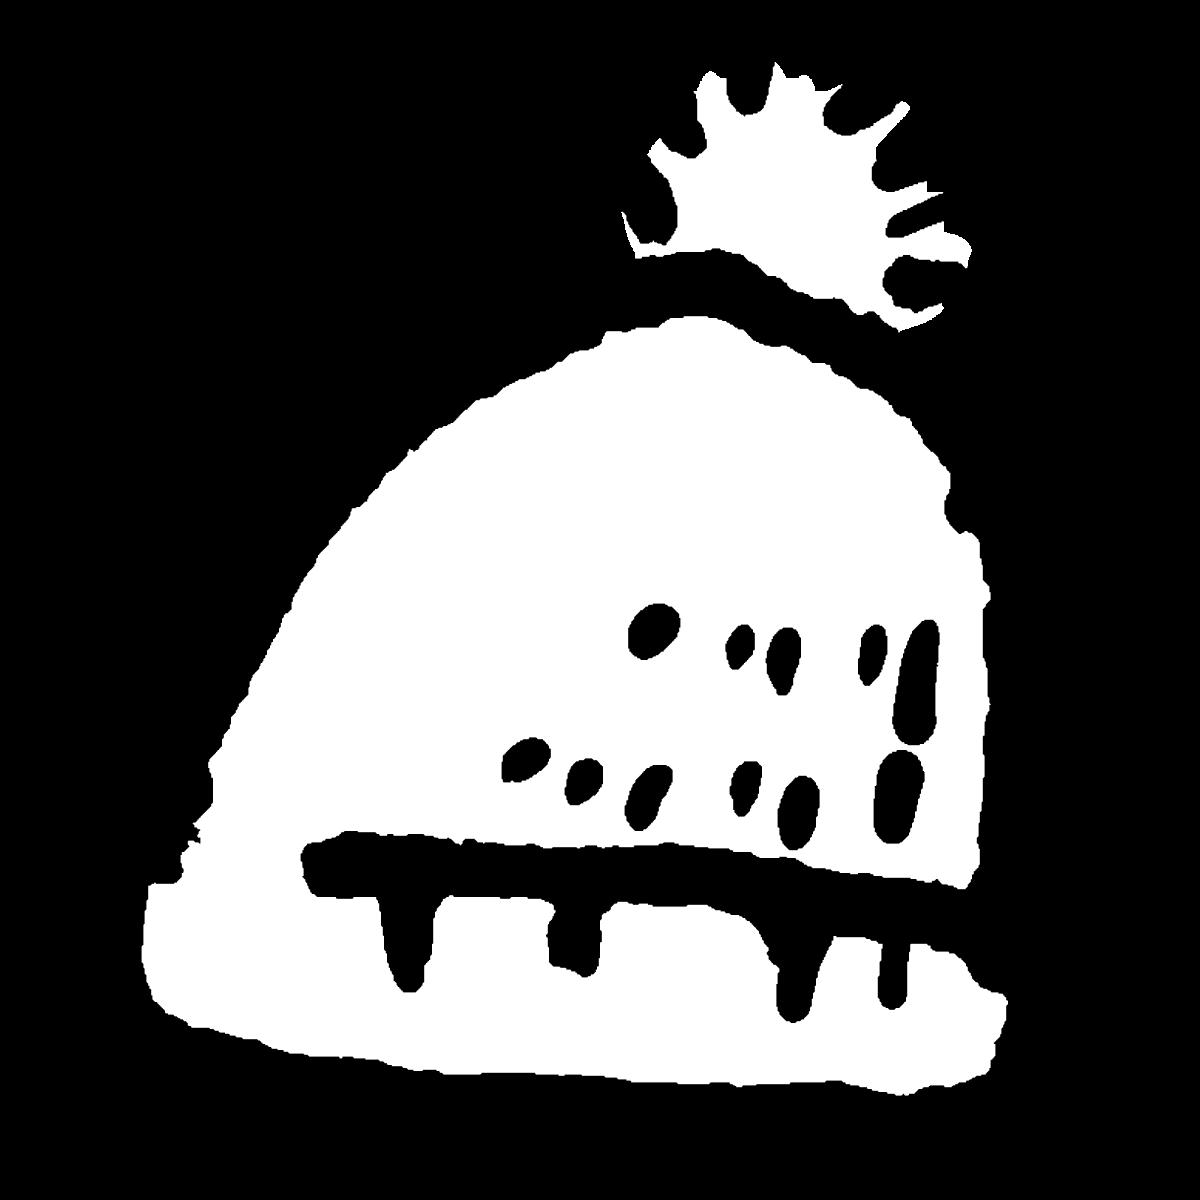 帽子(ニット帽)のイラスト / Hat (knit cap) Illustration